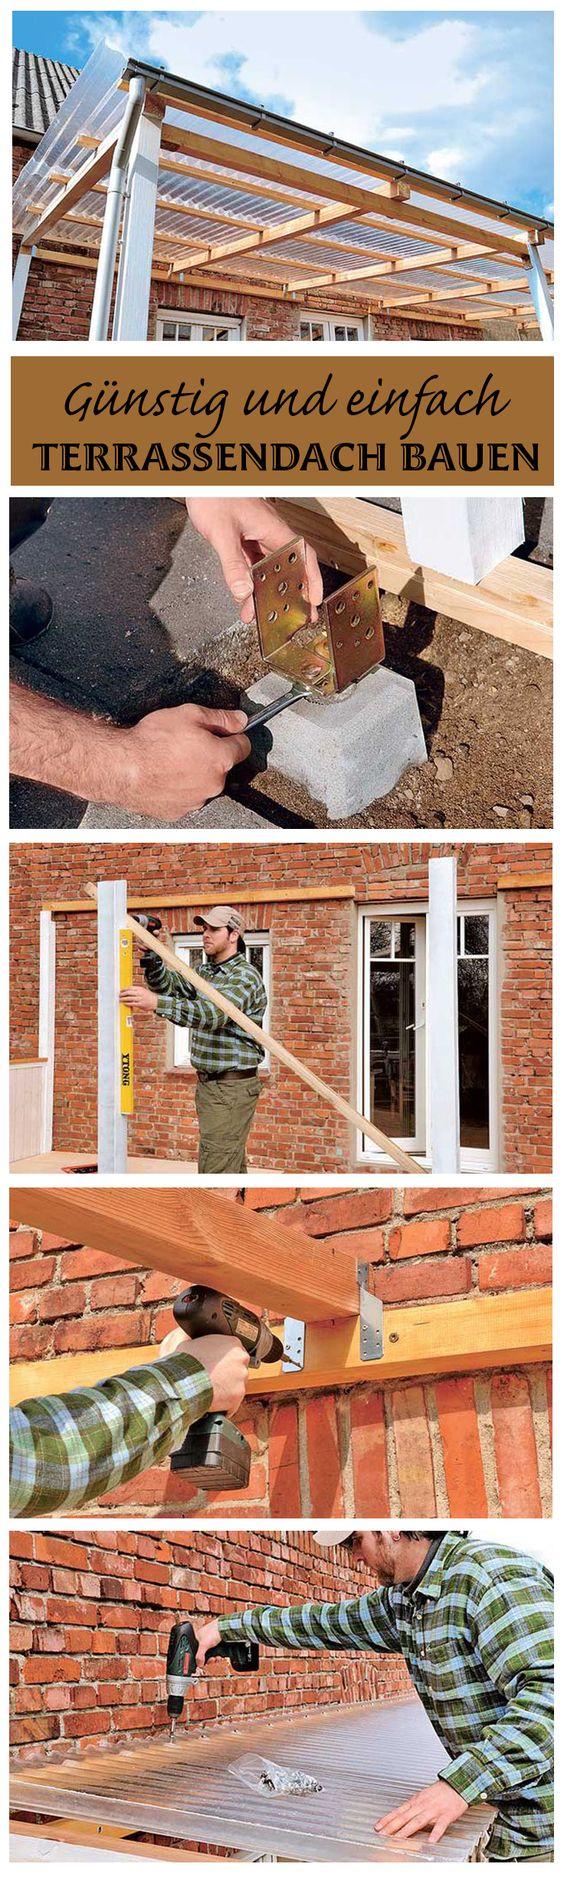 Wer beim Bau des Terrassendaches zu PVC-Doppelstegplatten statt zu Glas greift, kann eine Menge Geld sparen. Wir zeigen, wie man ein einfaches Terrassendach baut.